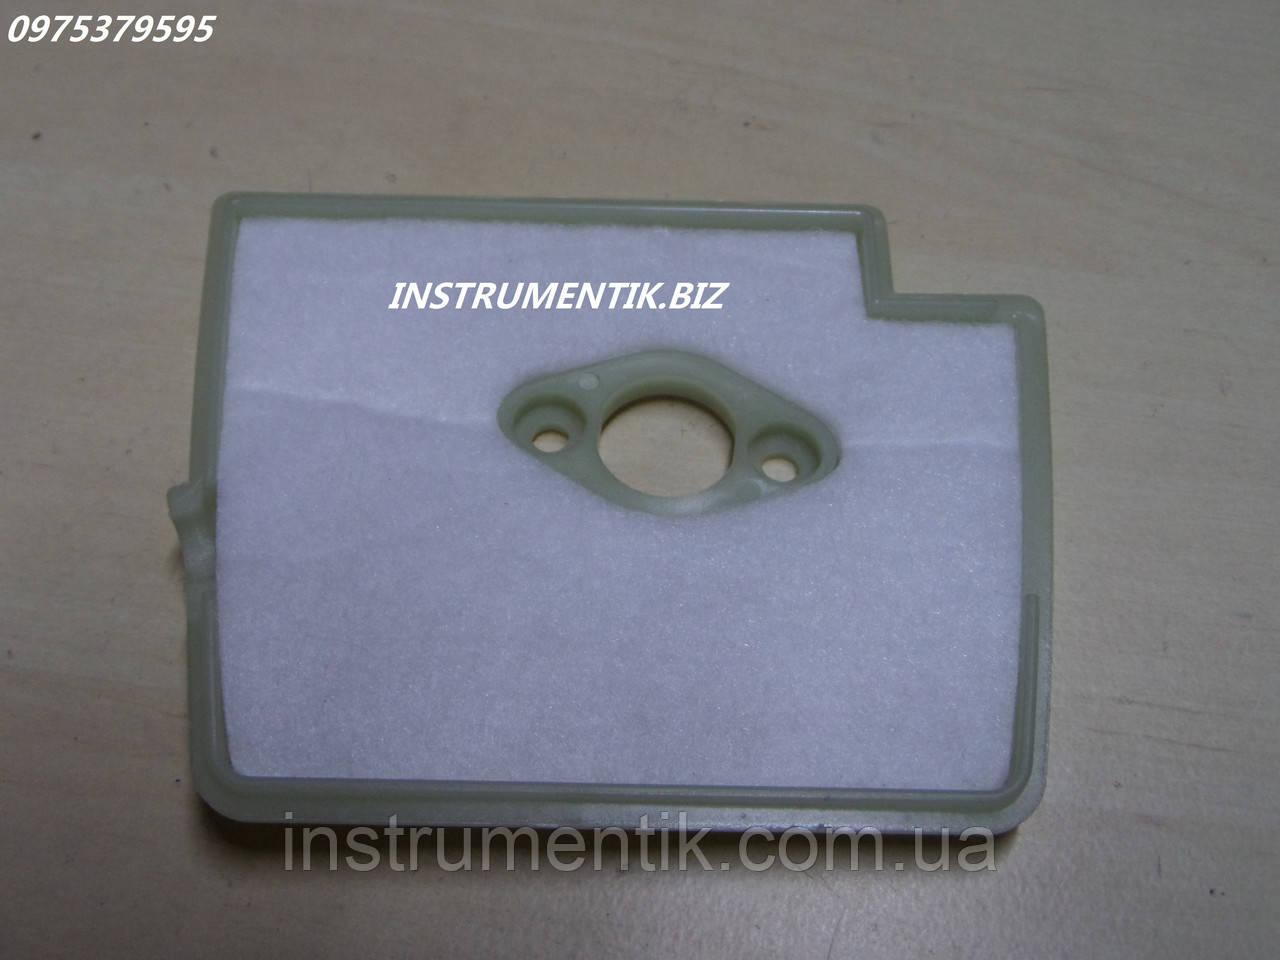 Фильтр воздушный для Stihl FS 160,180,220,280,290